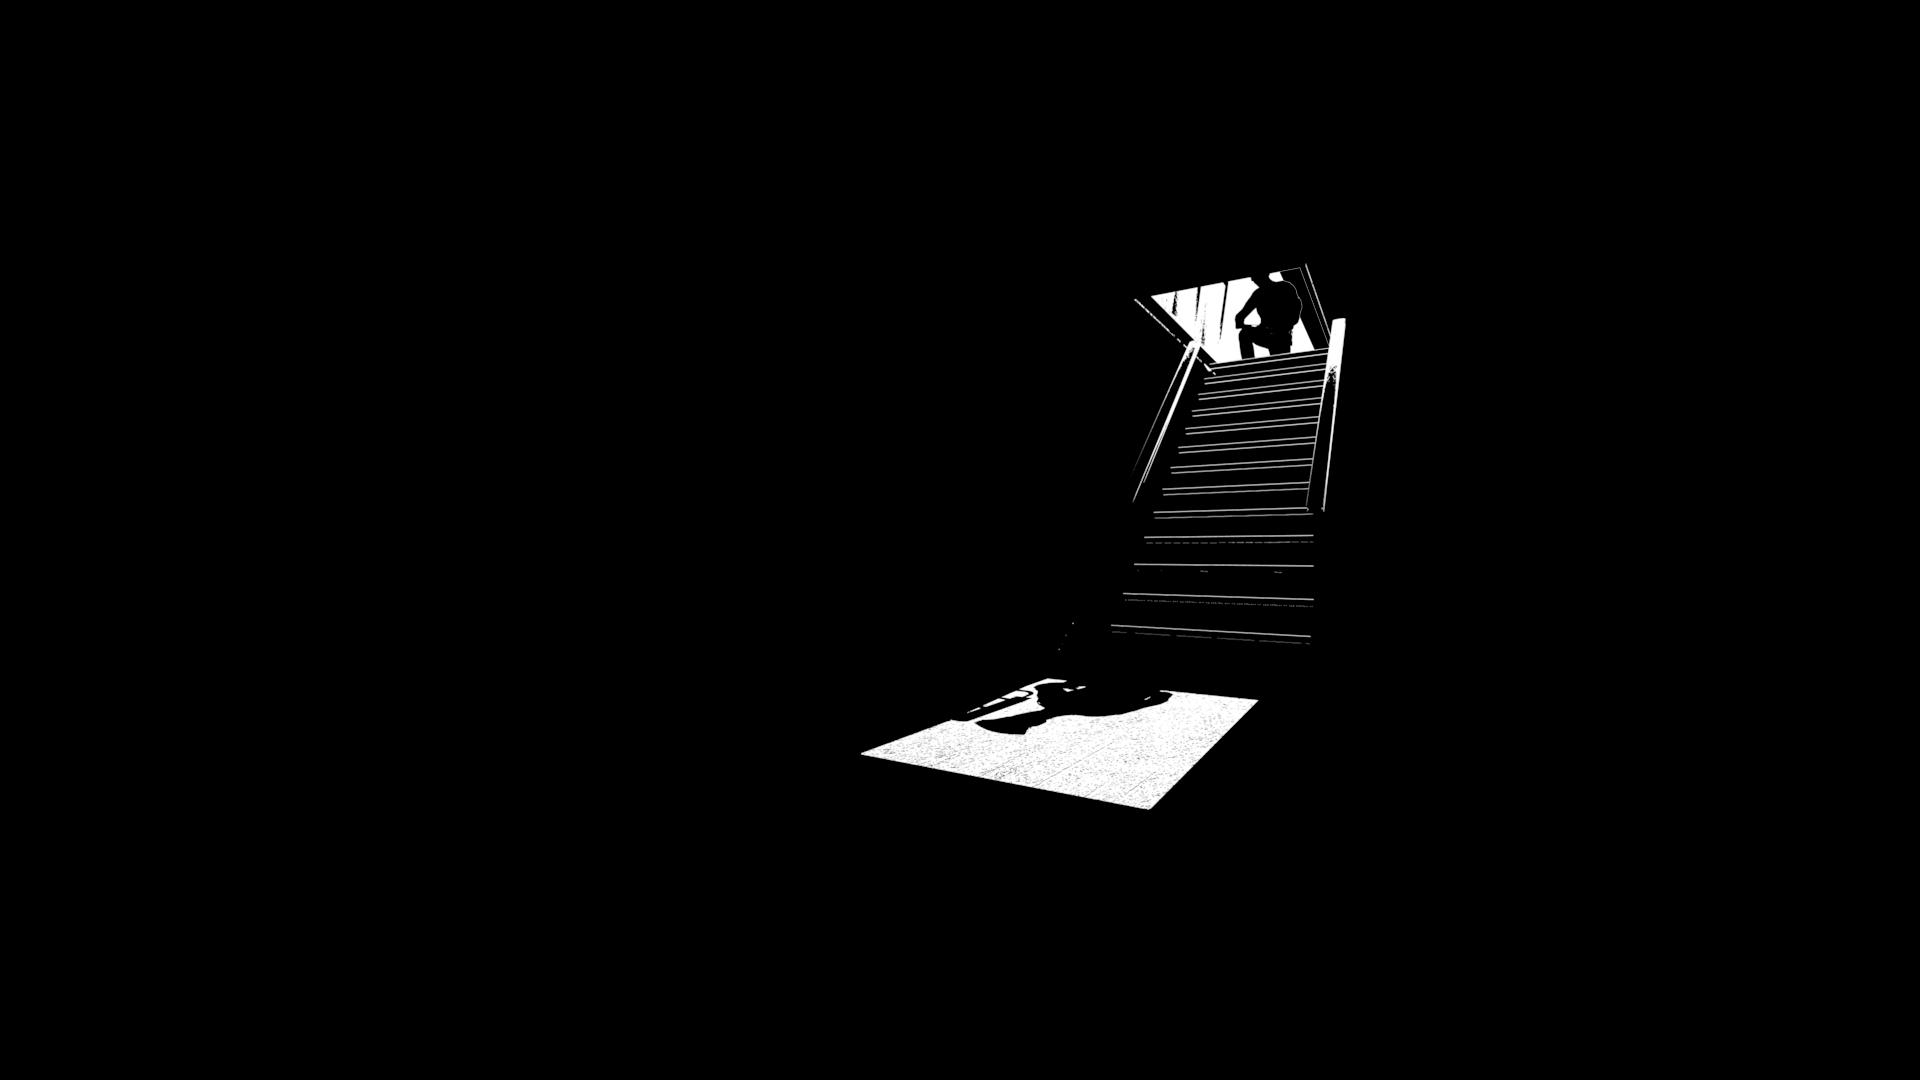 ___03_Edit_v04_TITLED (0-01-32-13)